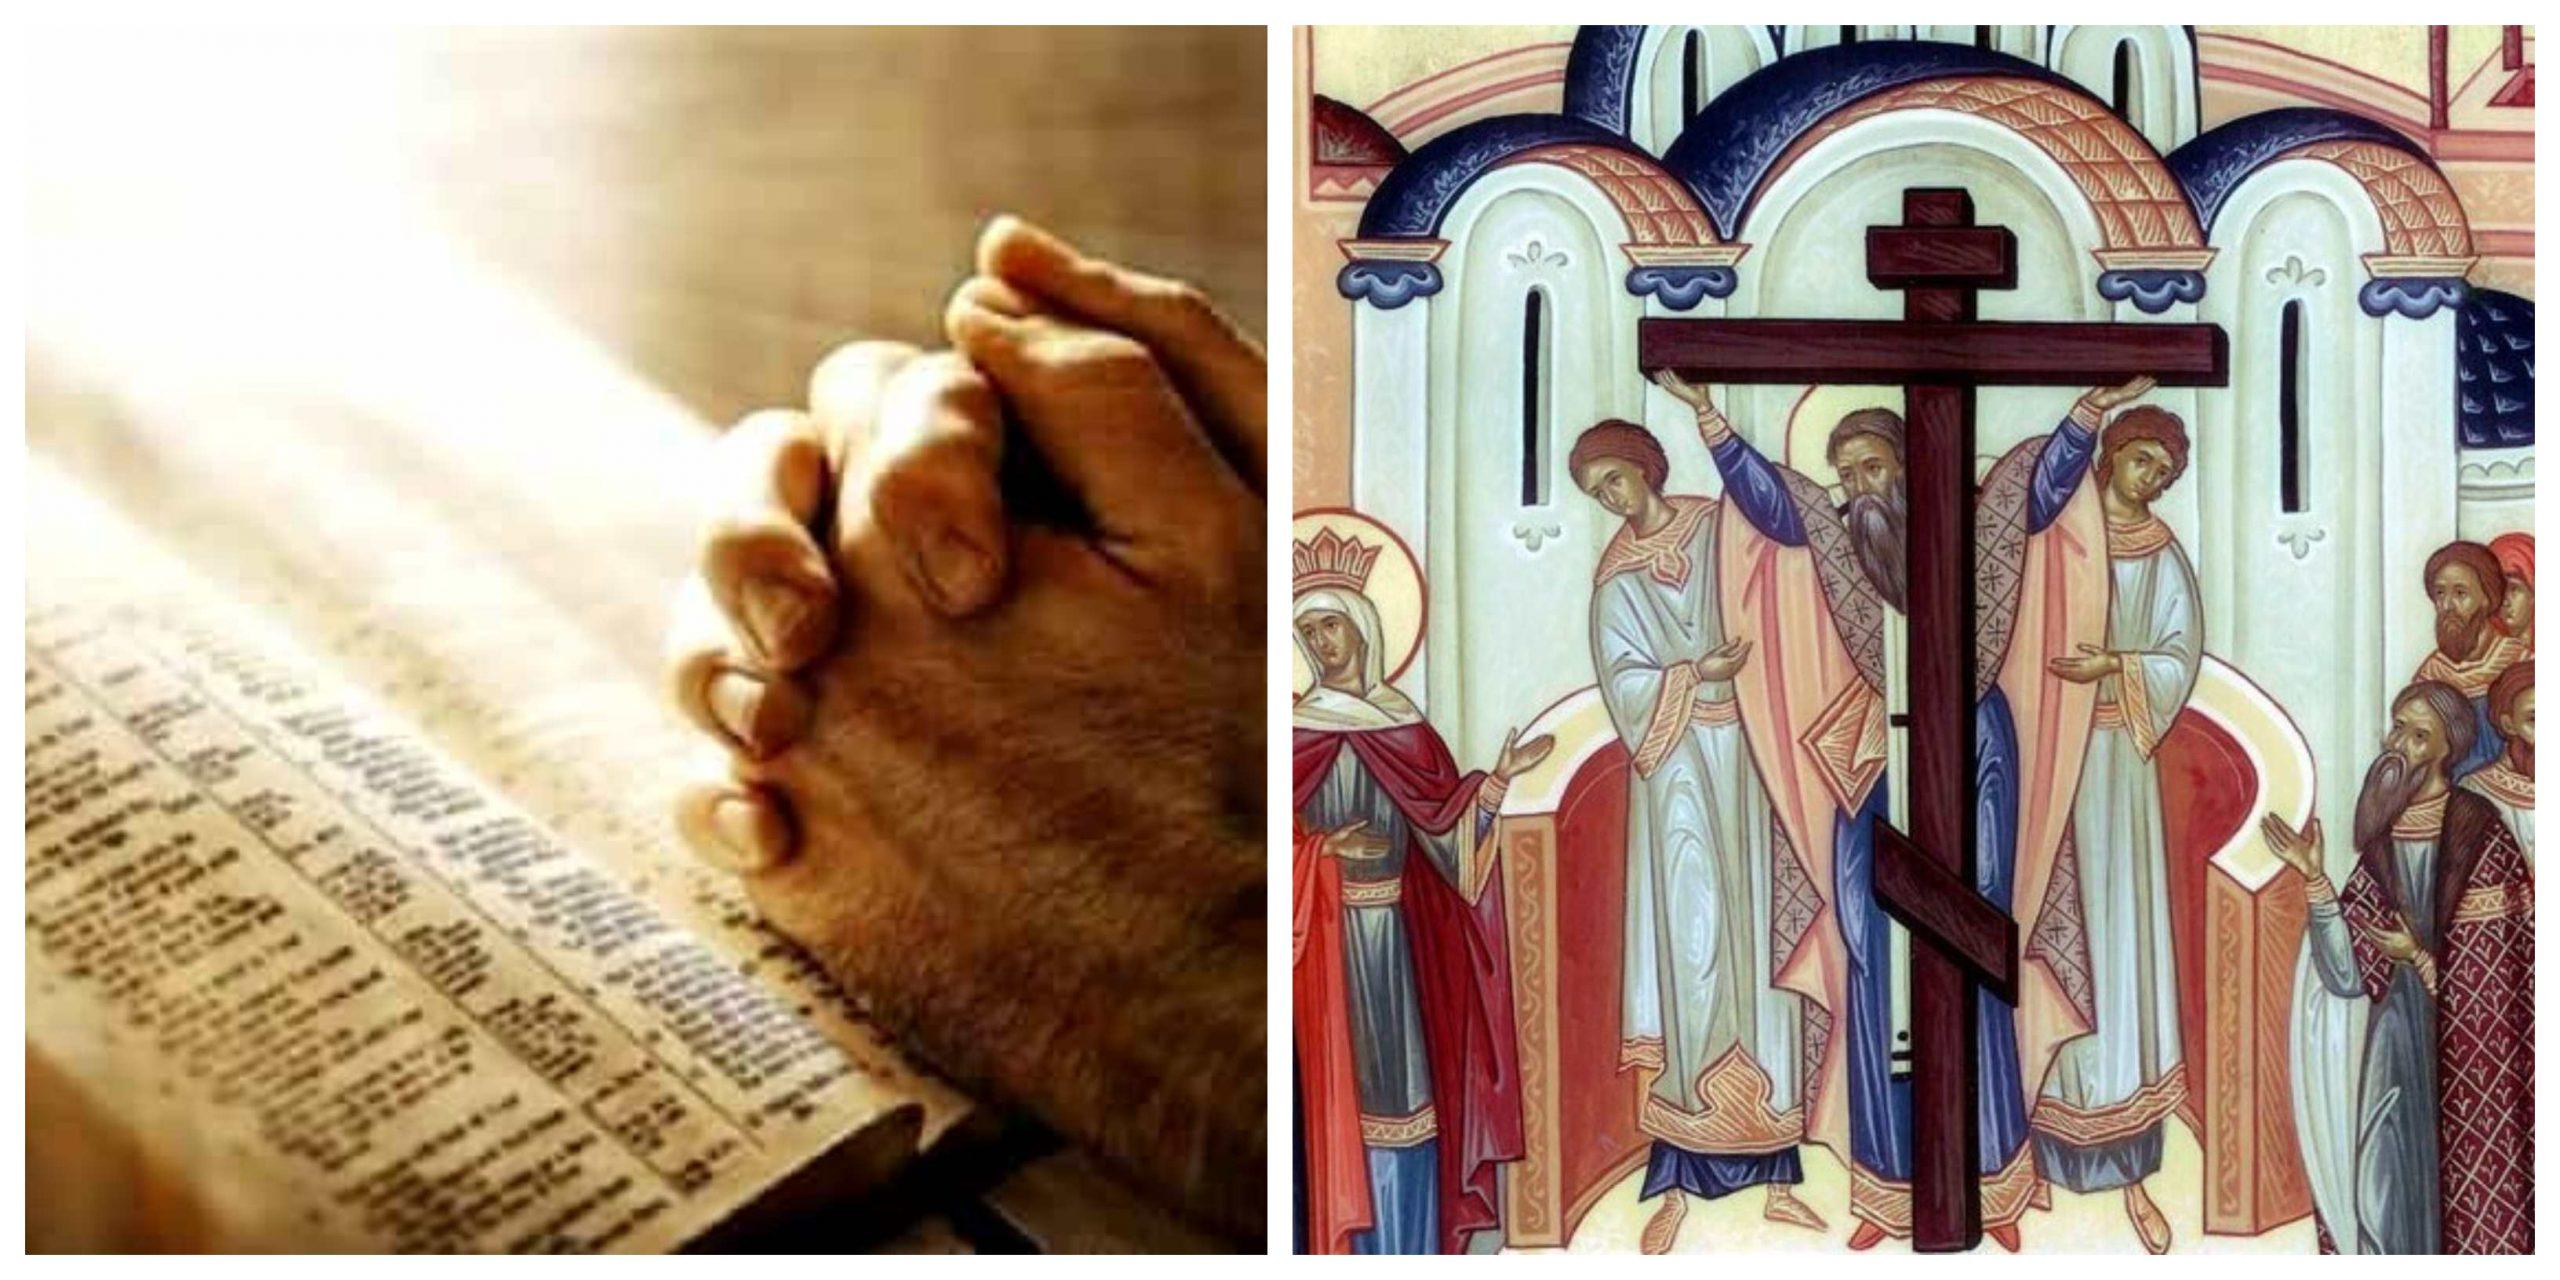 Cea mai puternică rugăciune de rostit în ziua Înălțării Sfintei Cruci